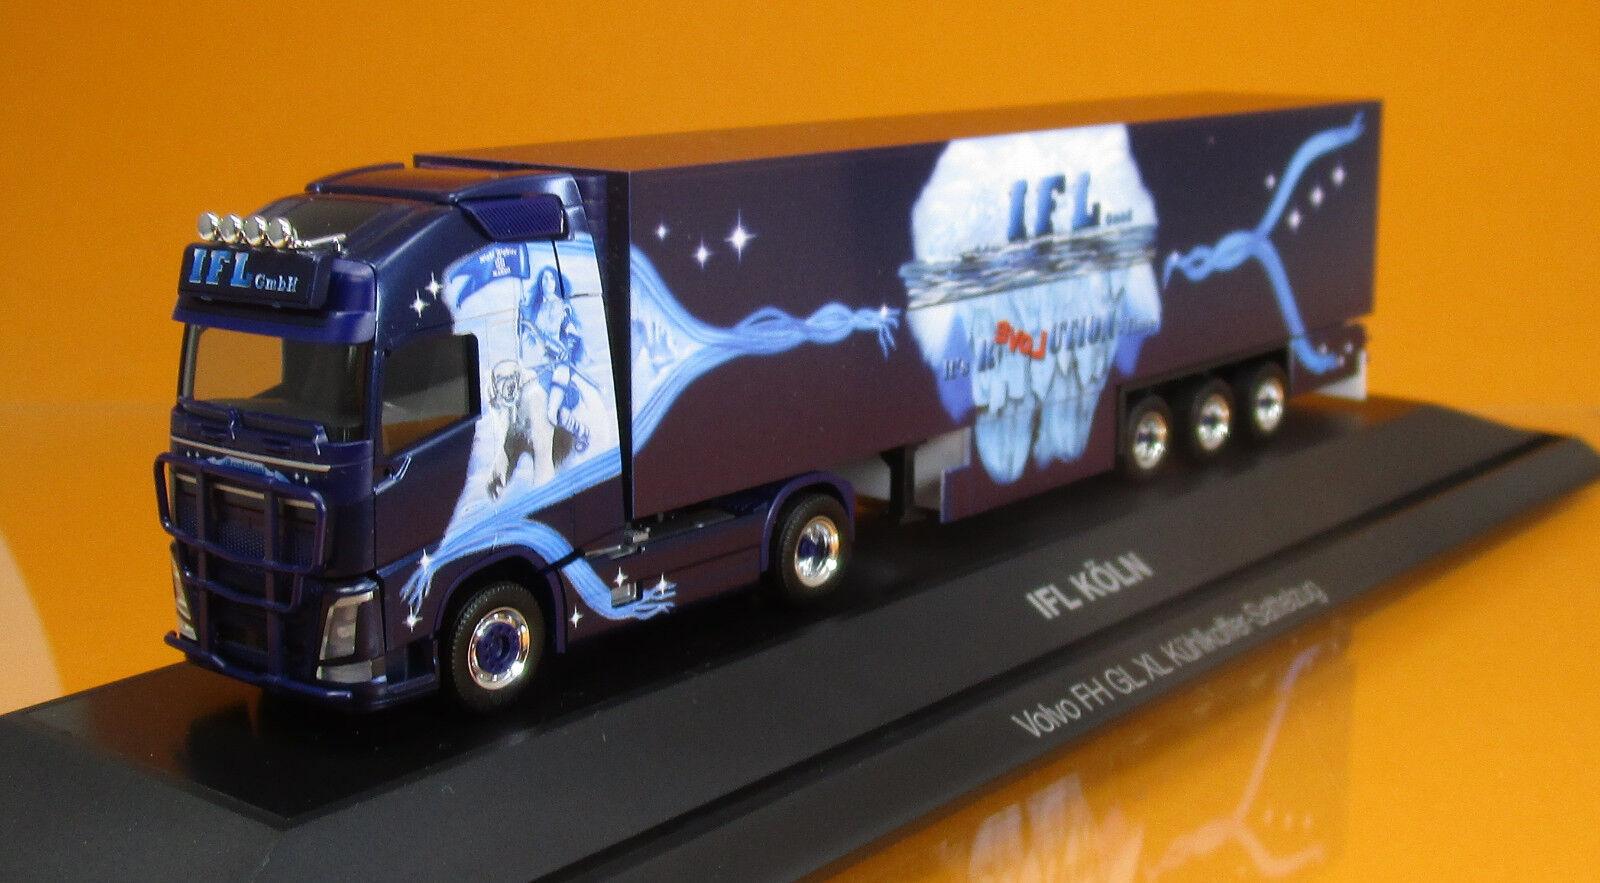 Herpa 121798 121798 121798 Volvo FH GL XL Kühlkoffer semi-remorque camion IFL Cologne PC Scale 1 87 NOUVEAU   Doux Et Léger  cc694b